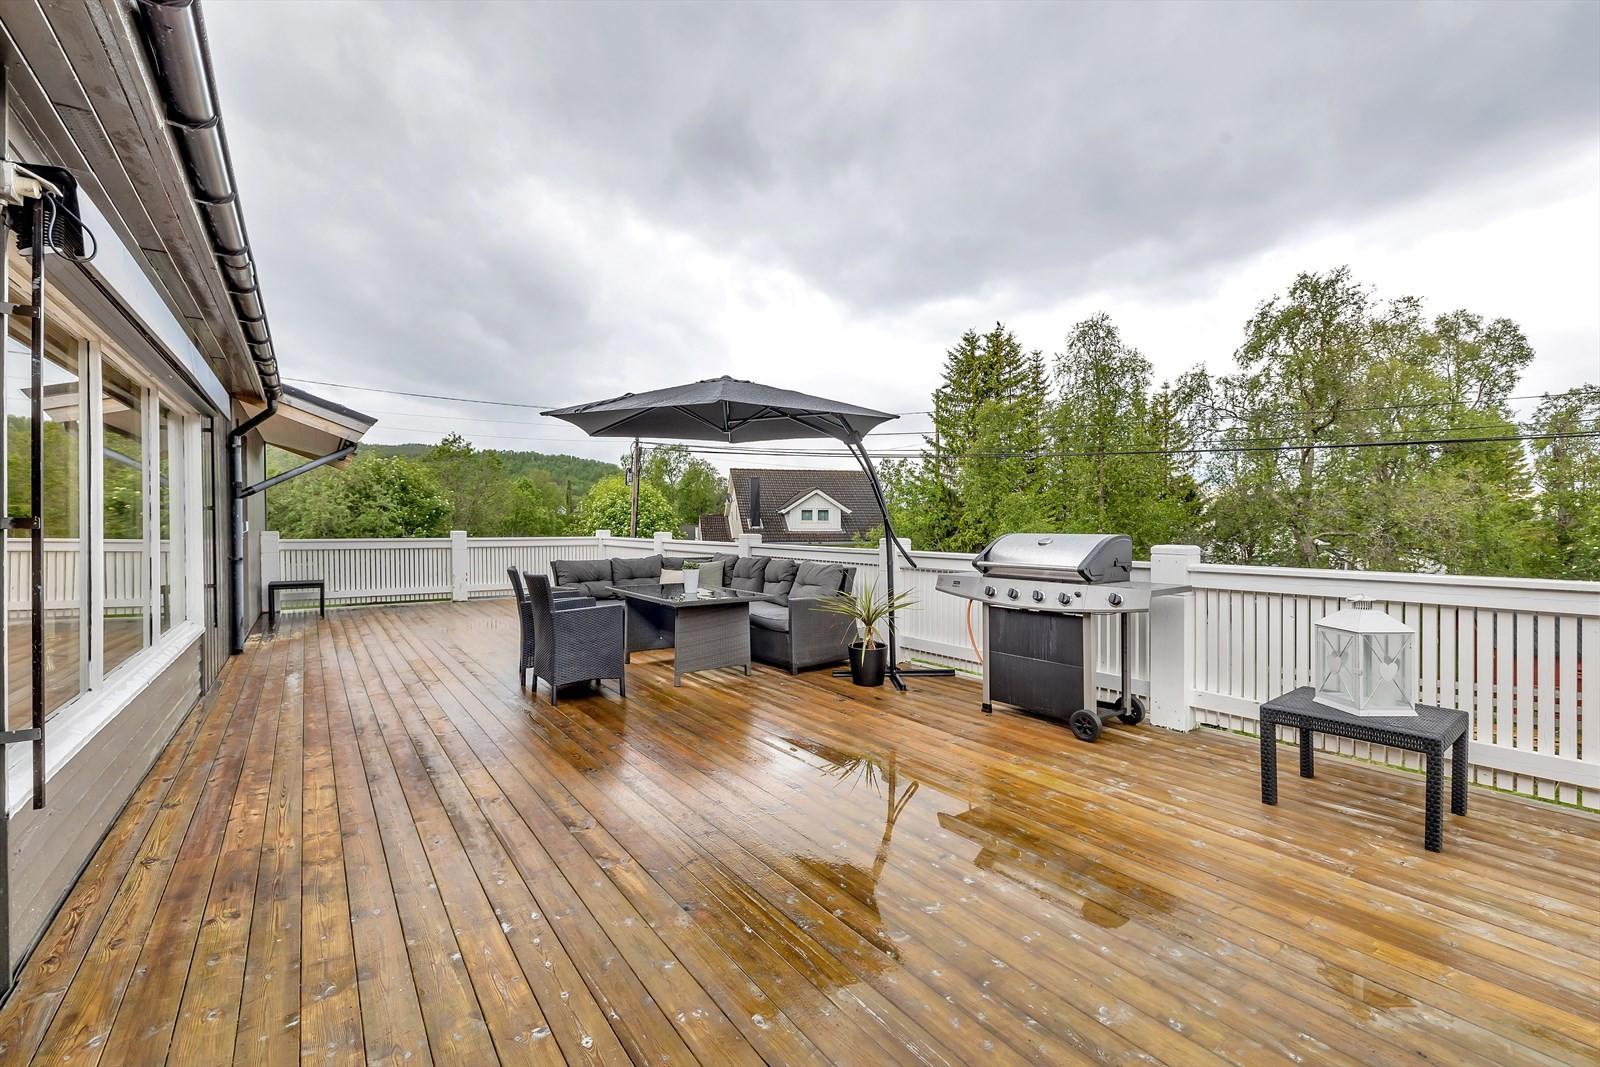 Boligen har en svært romslig terrasse med gode solforhold og flere muligheter for møblering.